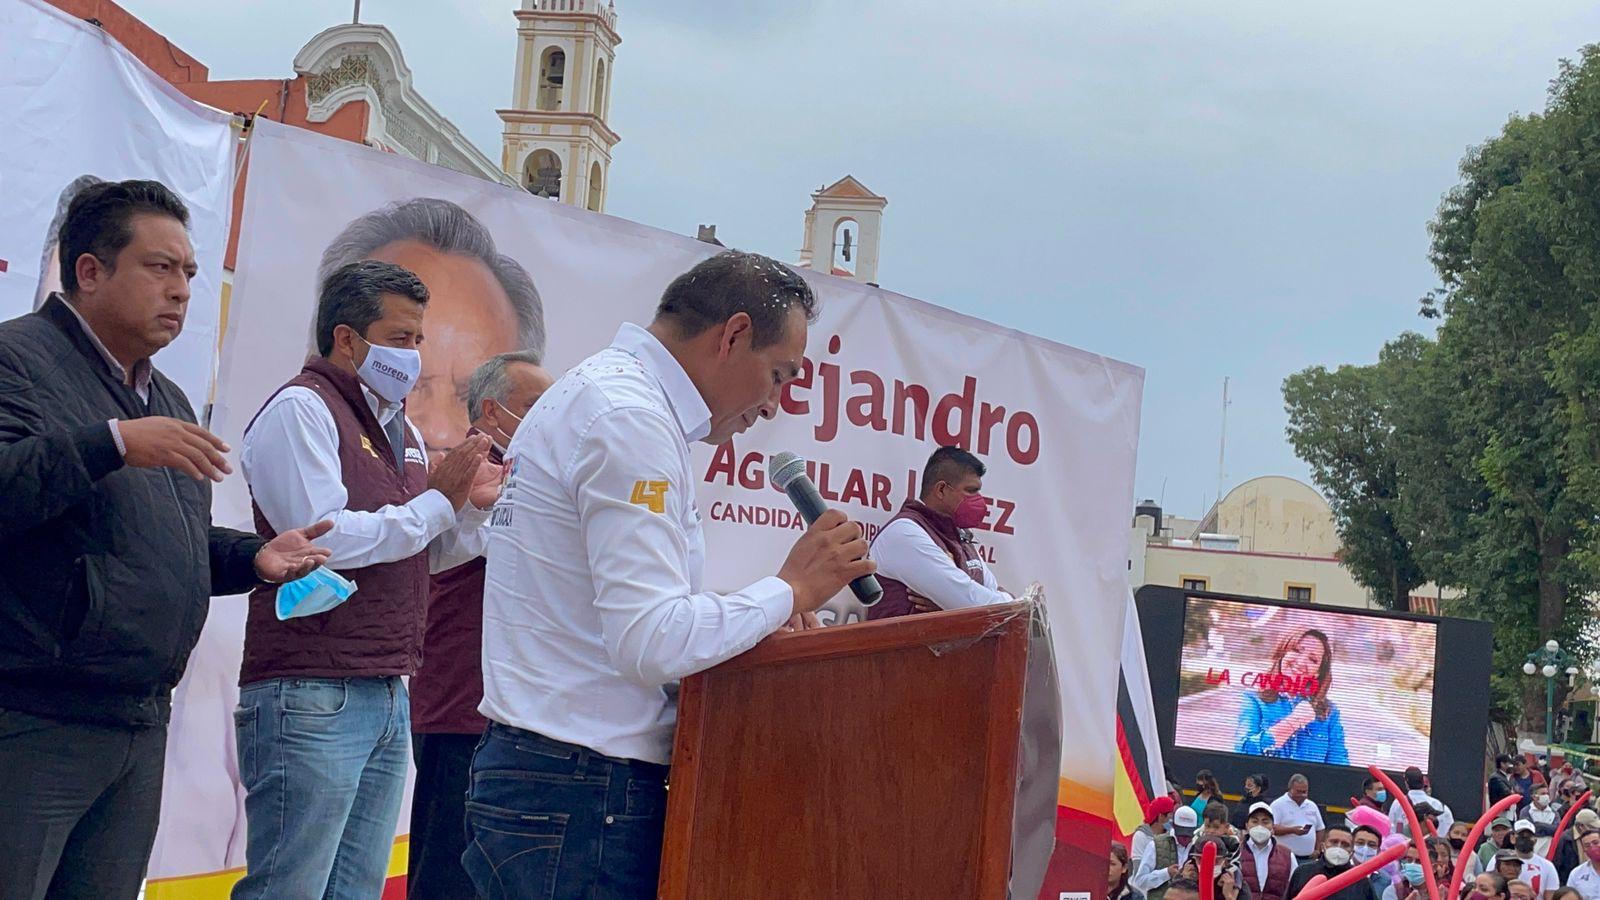 Es tiempo de que Juntos Hagamos Historia: Miguel Ángel Caballero Yonca